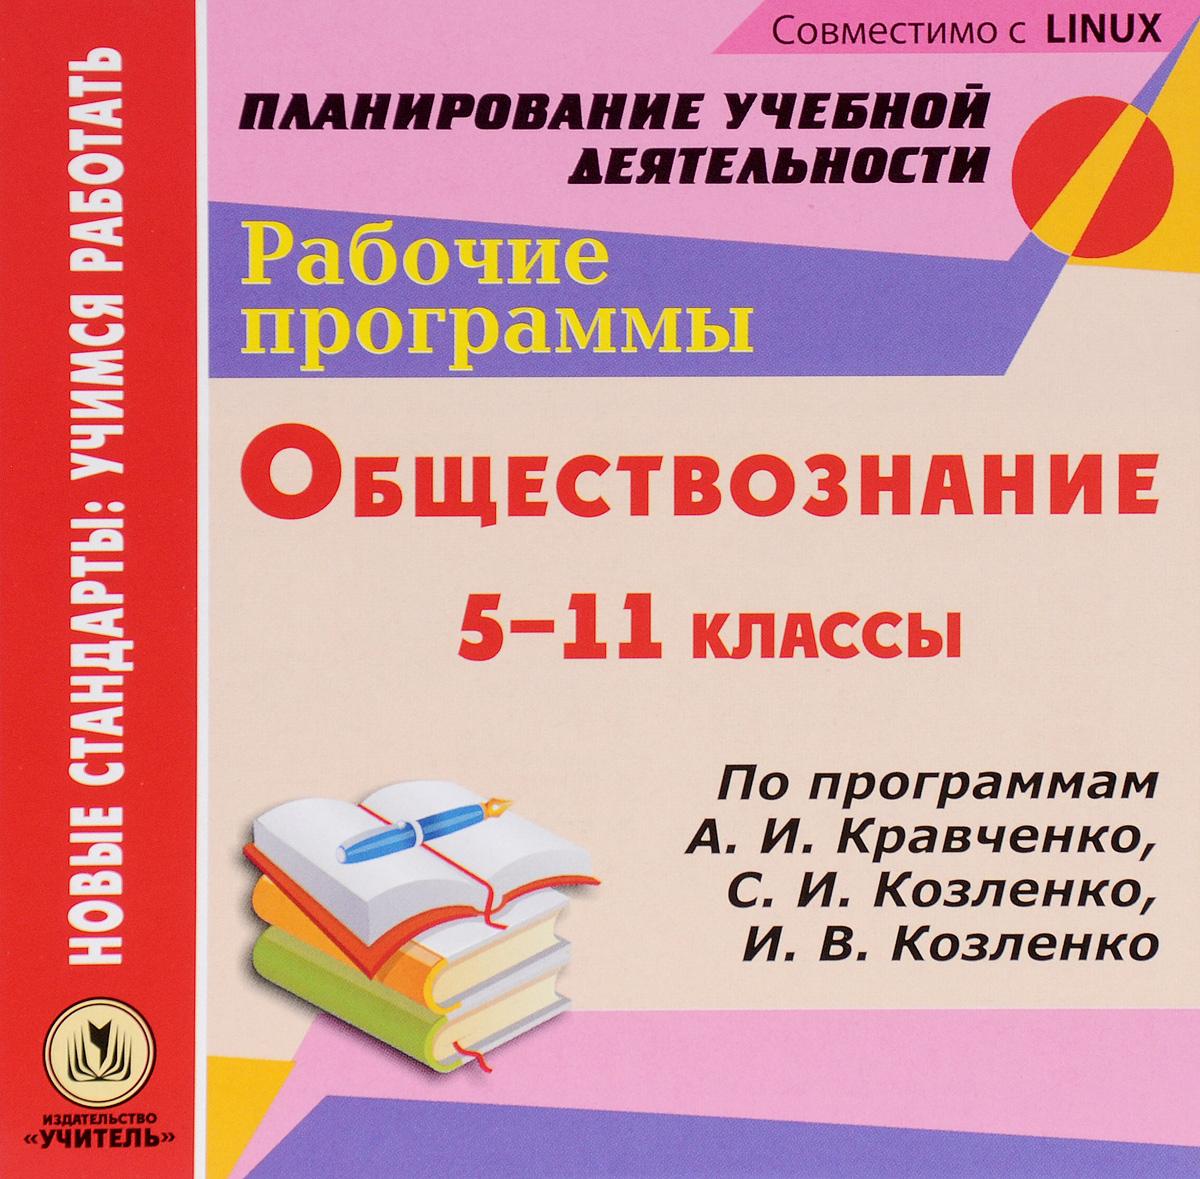 Рабочие программы. Обществознание. 5-11 классы. По программам А. И. Кравченко, С. И. Козленко, И. В. Козленко